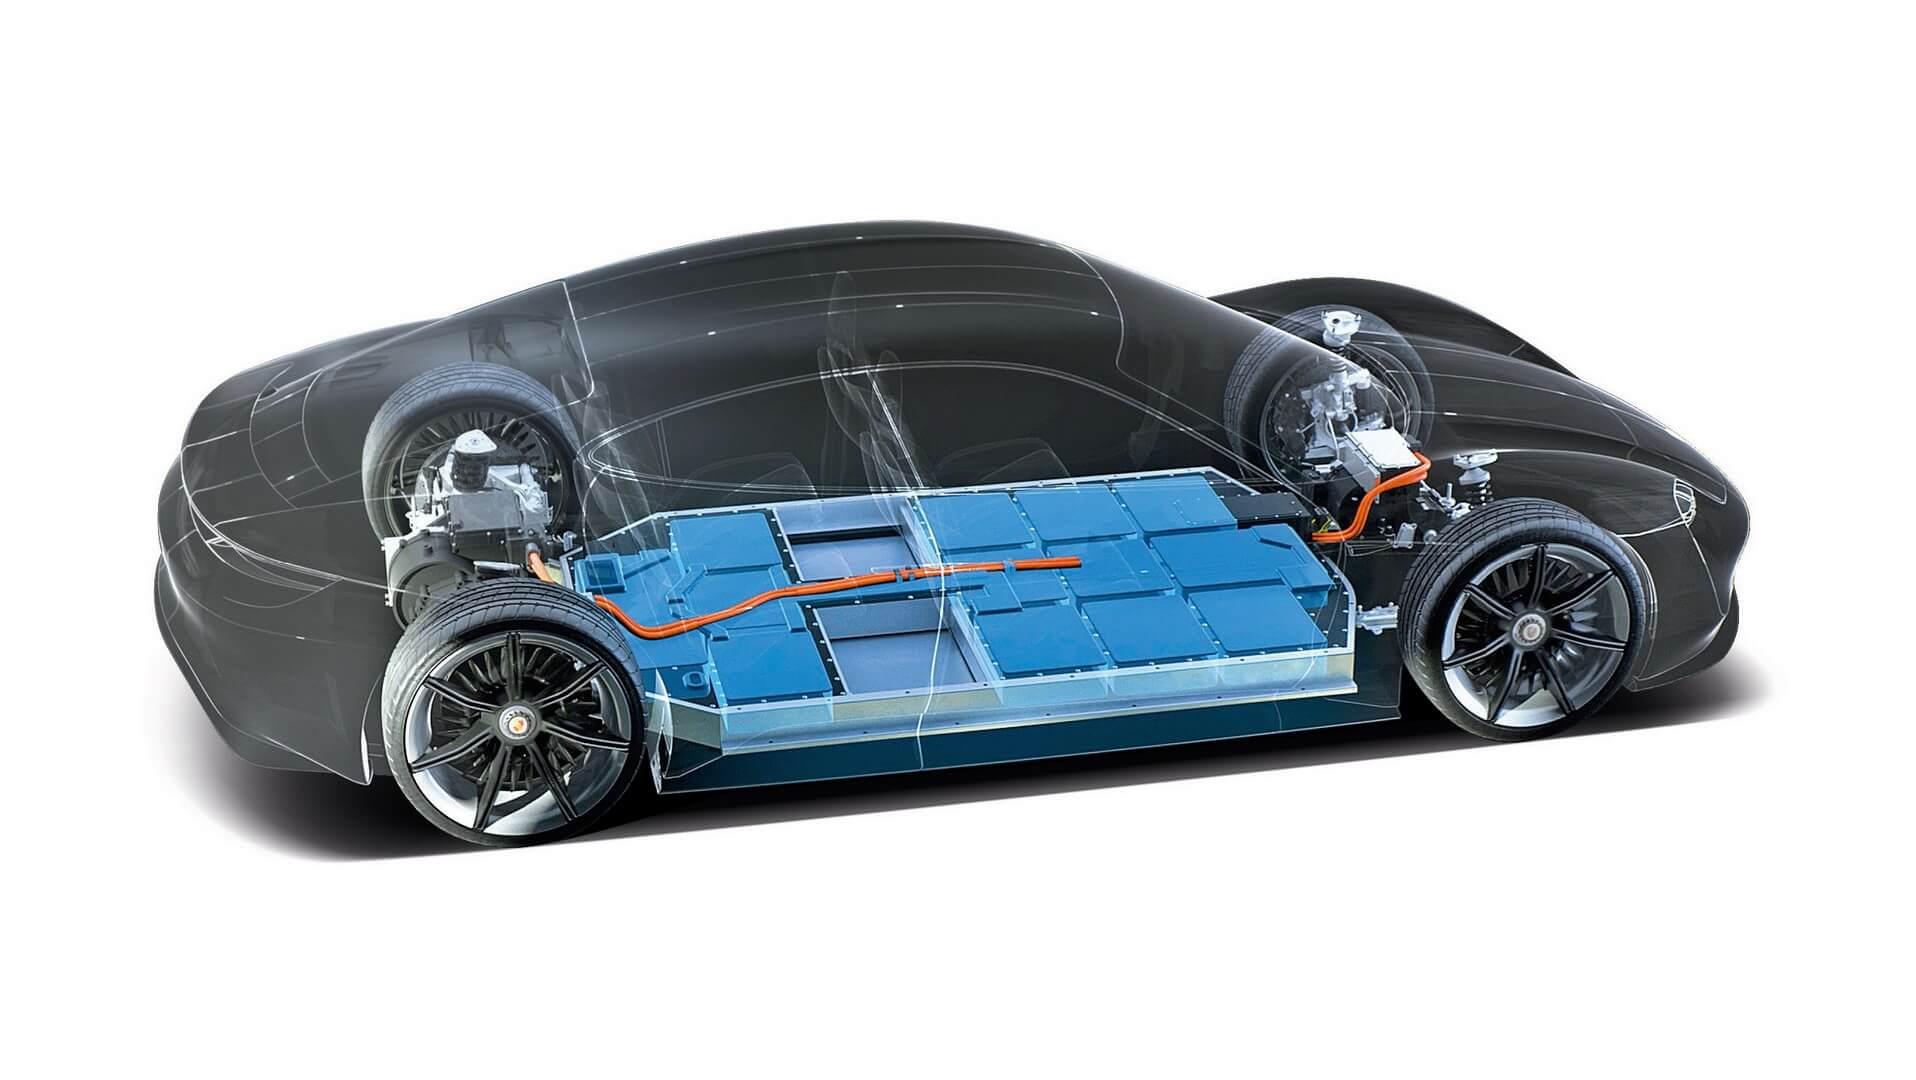 Porsche создает предприятие для разработки высокопроизводительных аккумуляторов